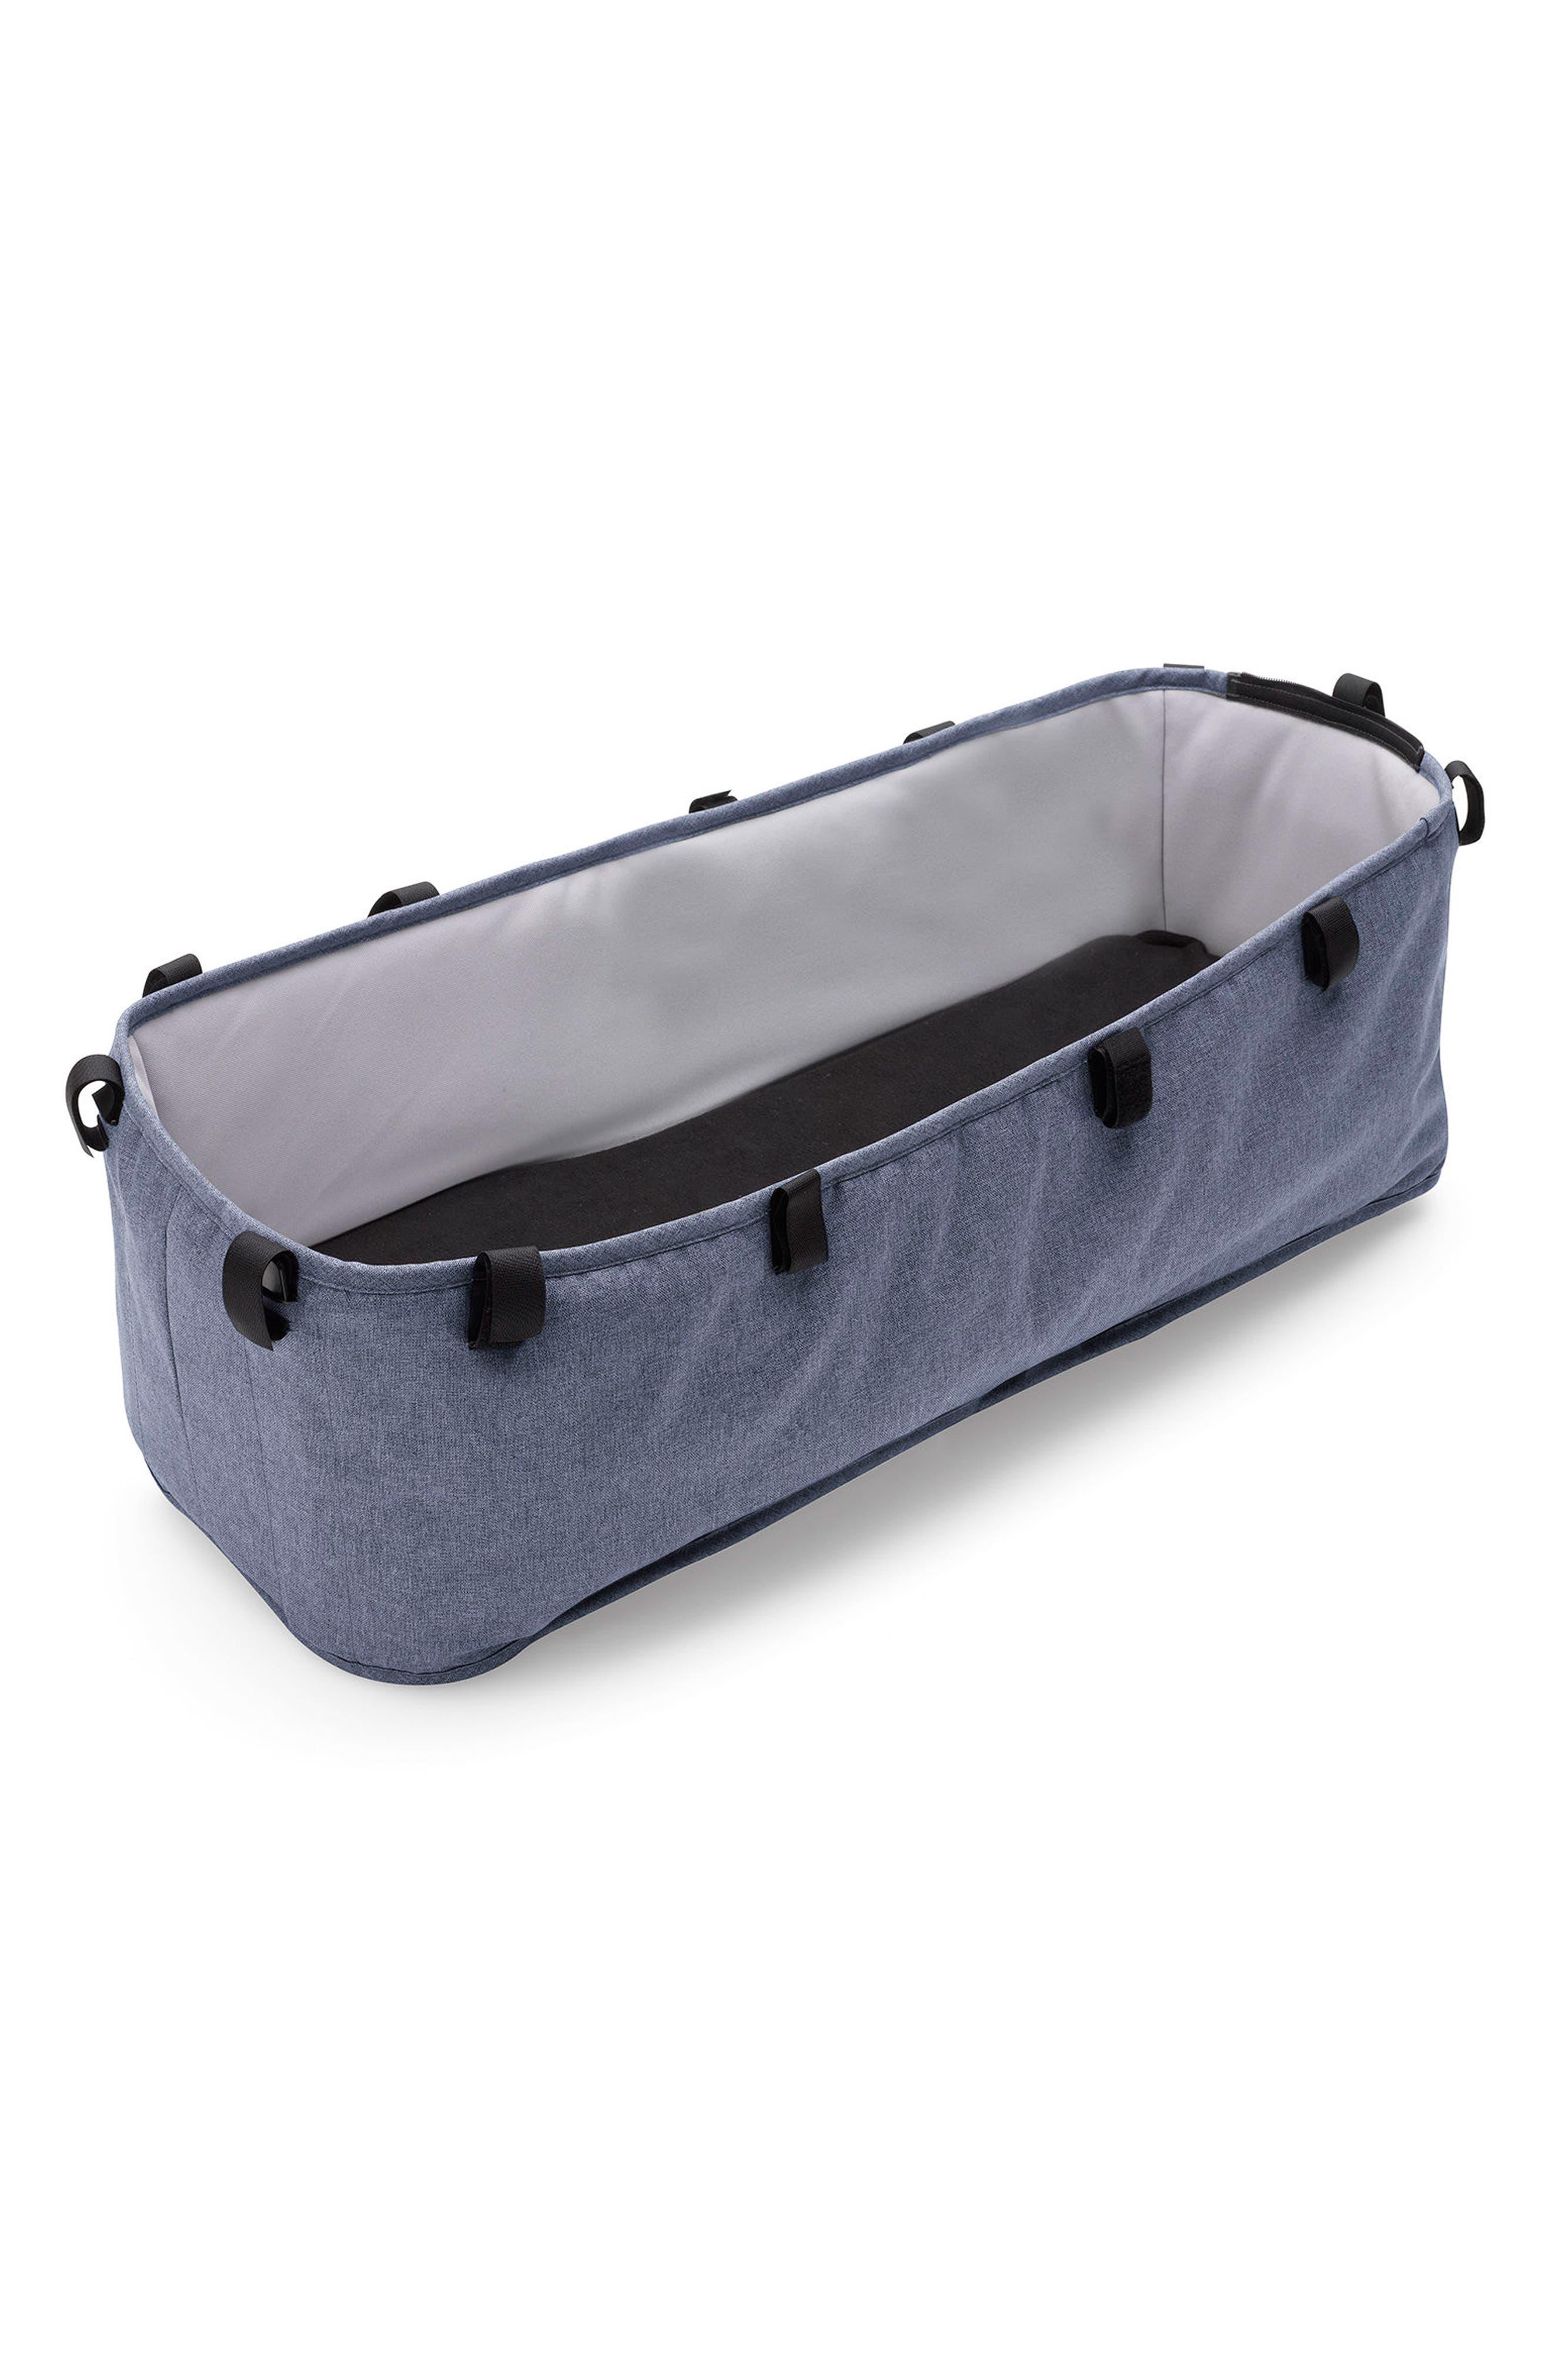 Bassinet Tailored Fabric Set for Donkey2 Stroller,                             Alternate thumbnail 2, color,                             Blue Melange